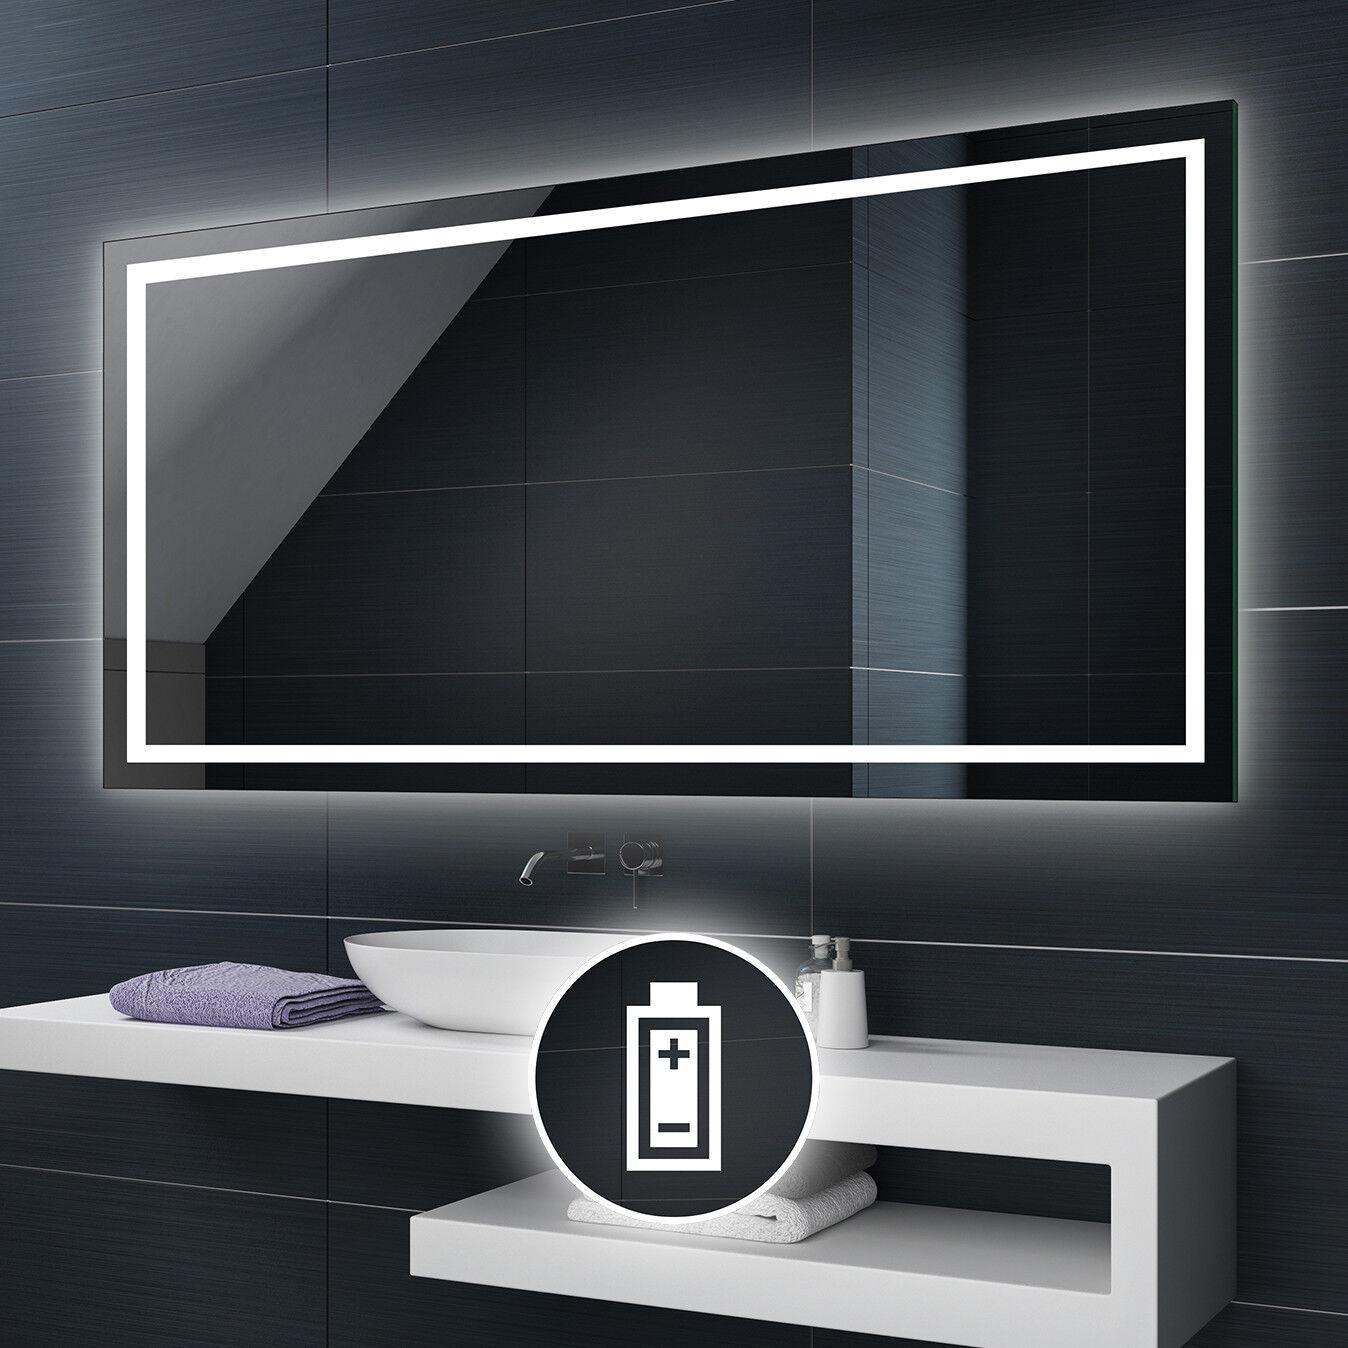 Alimenté par batterie DEL illuminé Miroir de salle de bains Batterie taille personnalisée L15